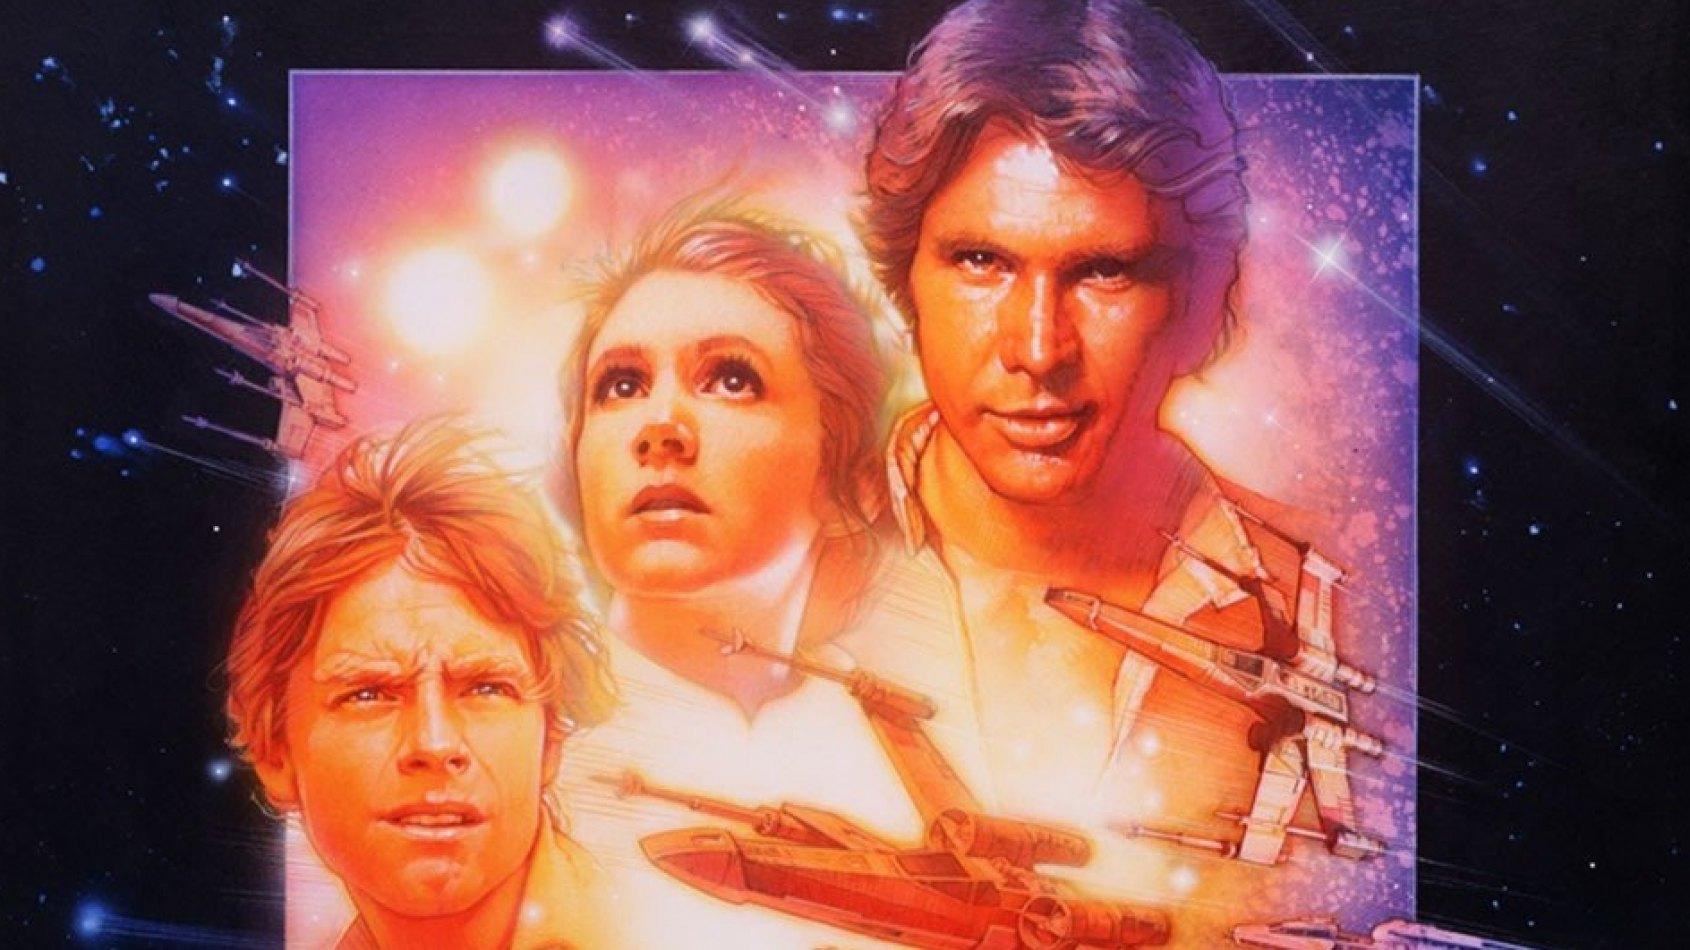 L'Edition Spéciale de Star Wars fête ses 20 ans !